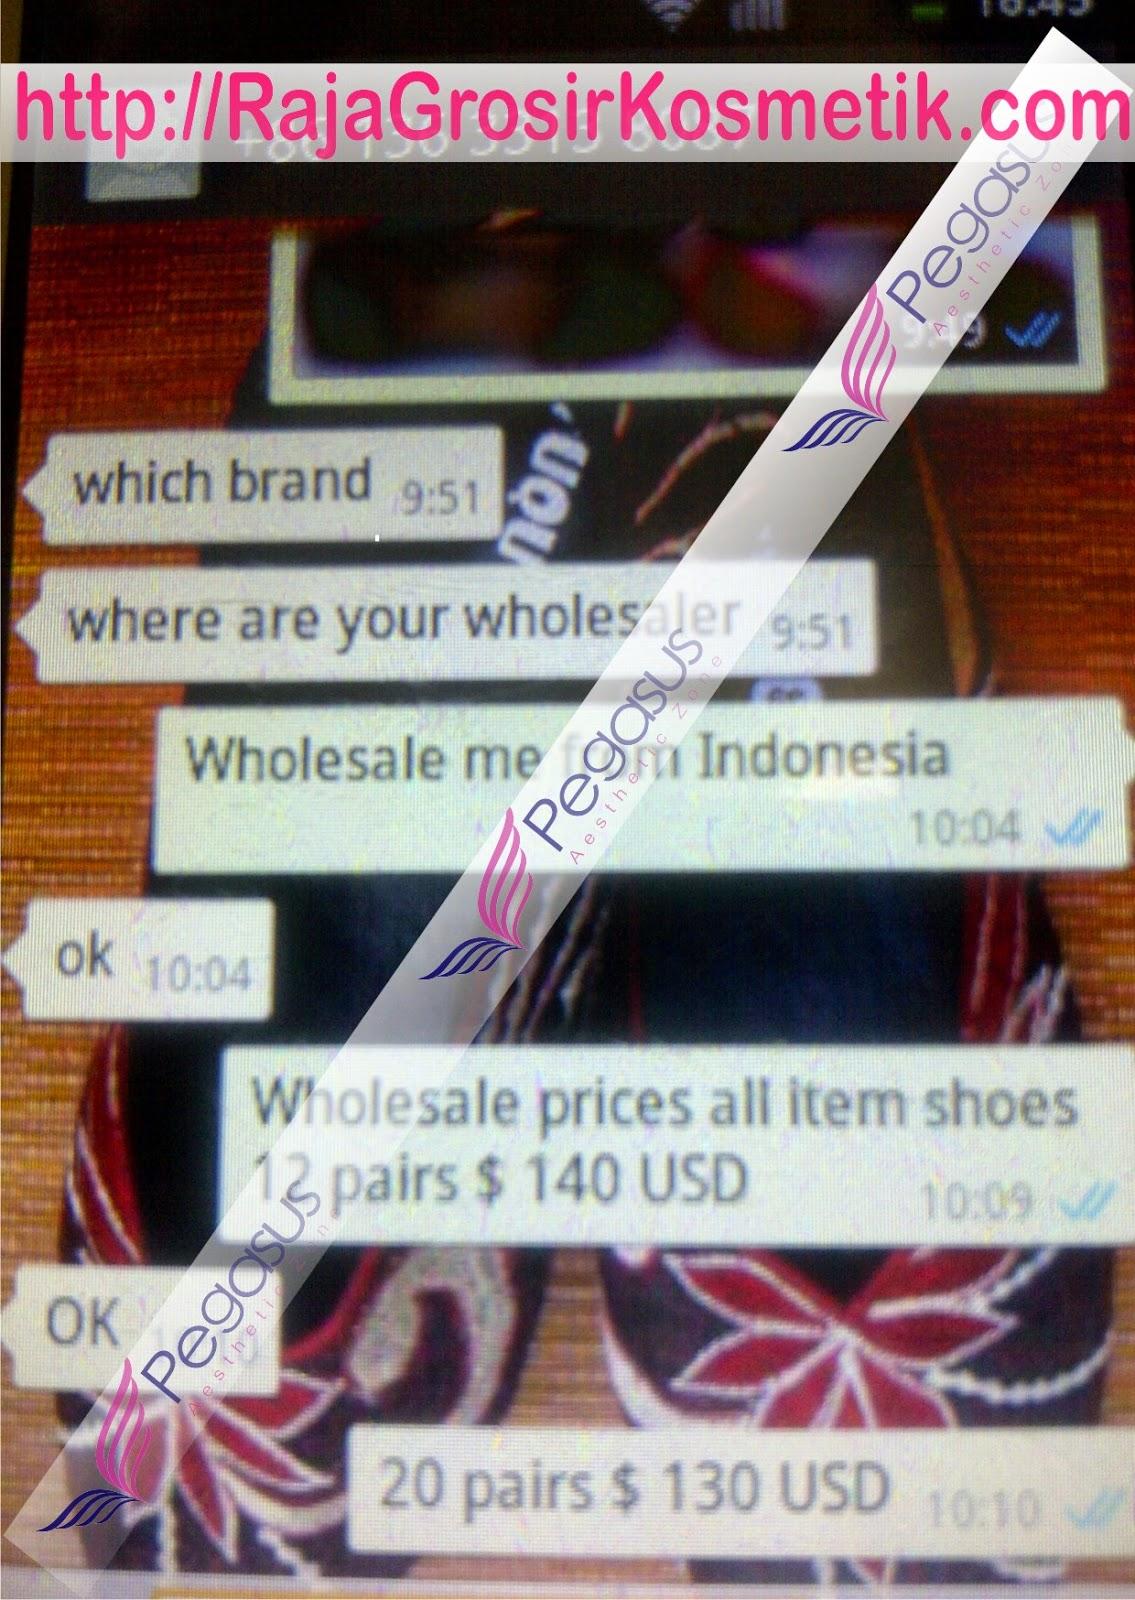 Sepatu Kerja Wanita Online, Sepatu Kerja Wanita Branded, Jual Sepatu Kerja Wanita, www.distributorsepatumurah.com